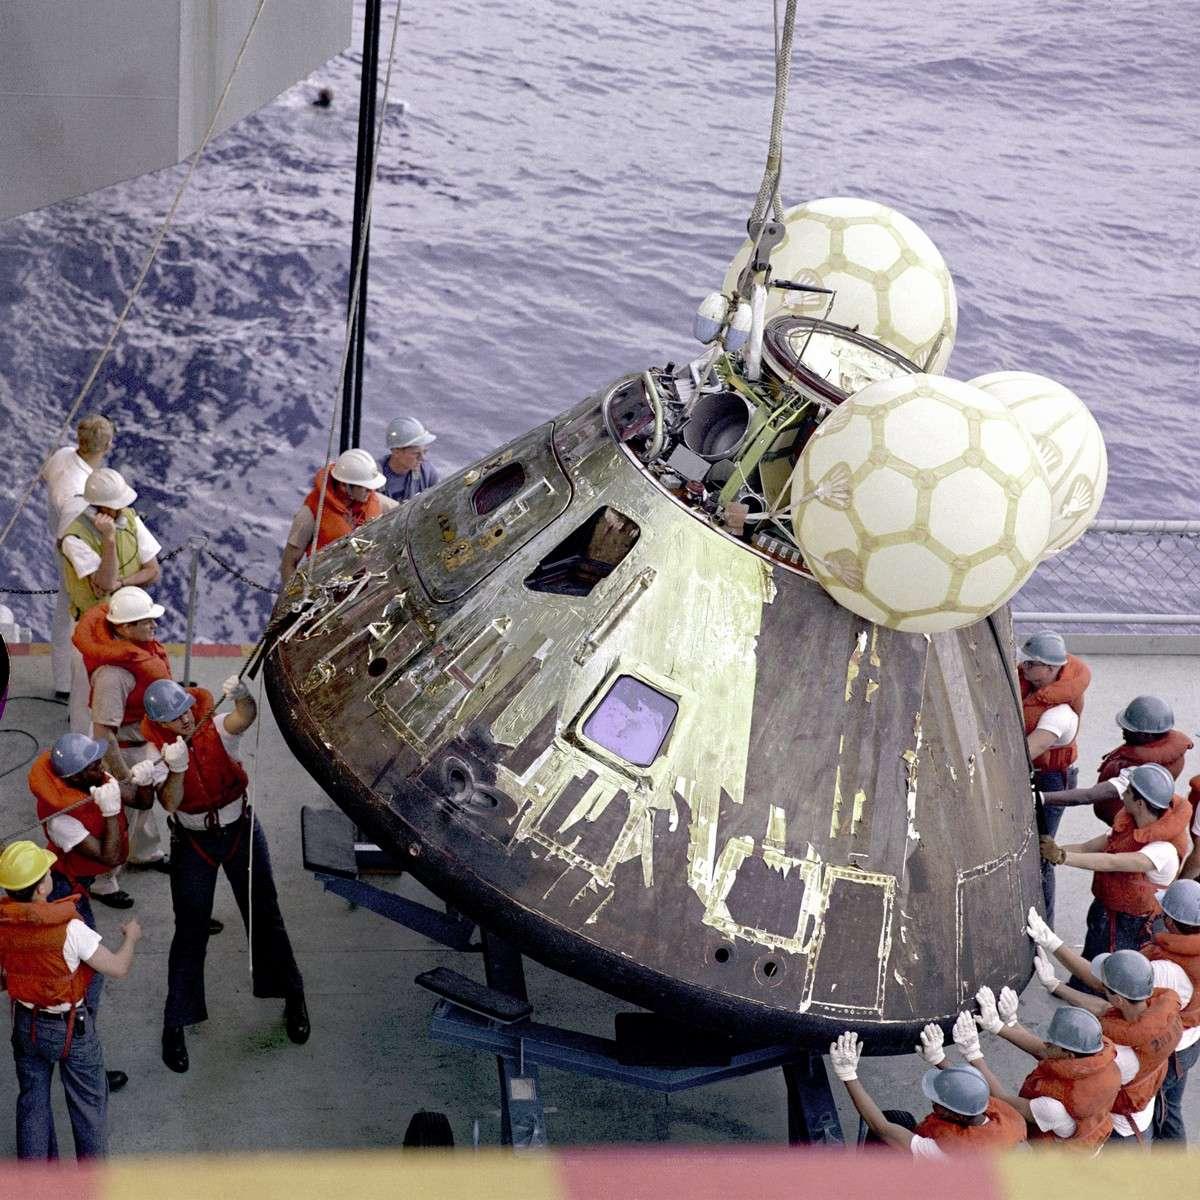 Retour sur Terre pour la capsule d'Apollo 13 après quatre jours de sauvetage dans l'espace. Crédit Nasa